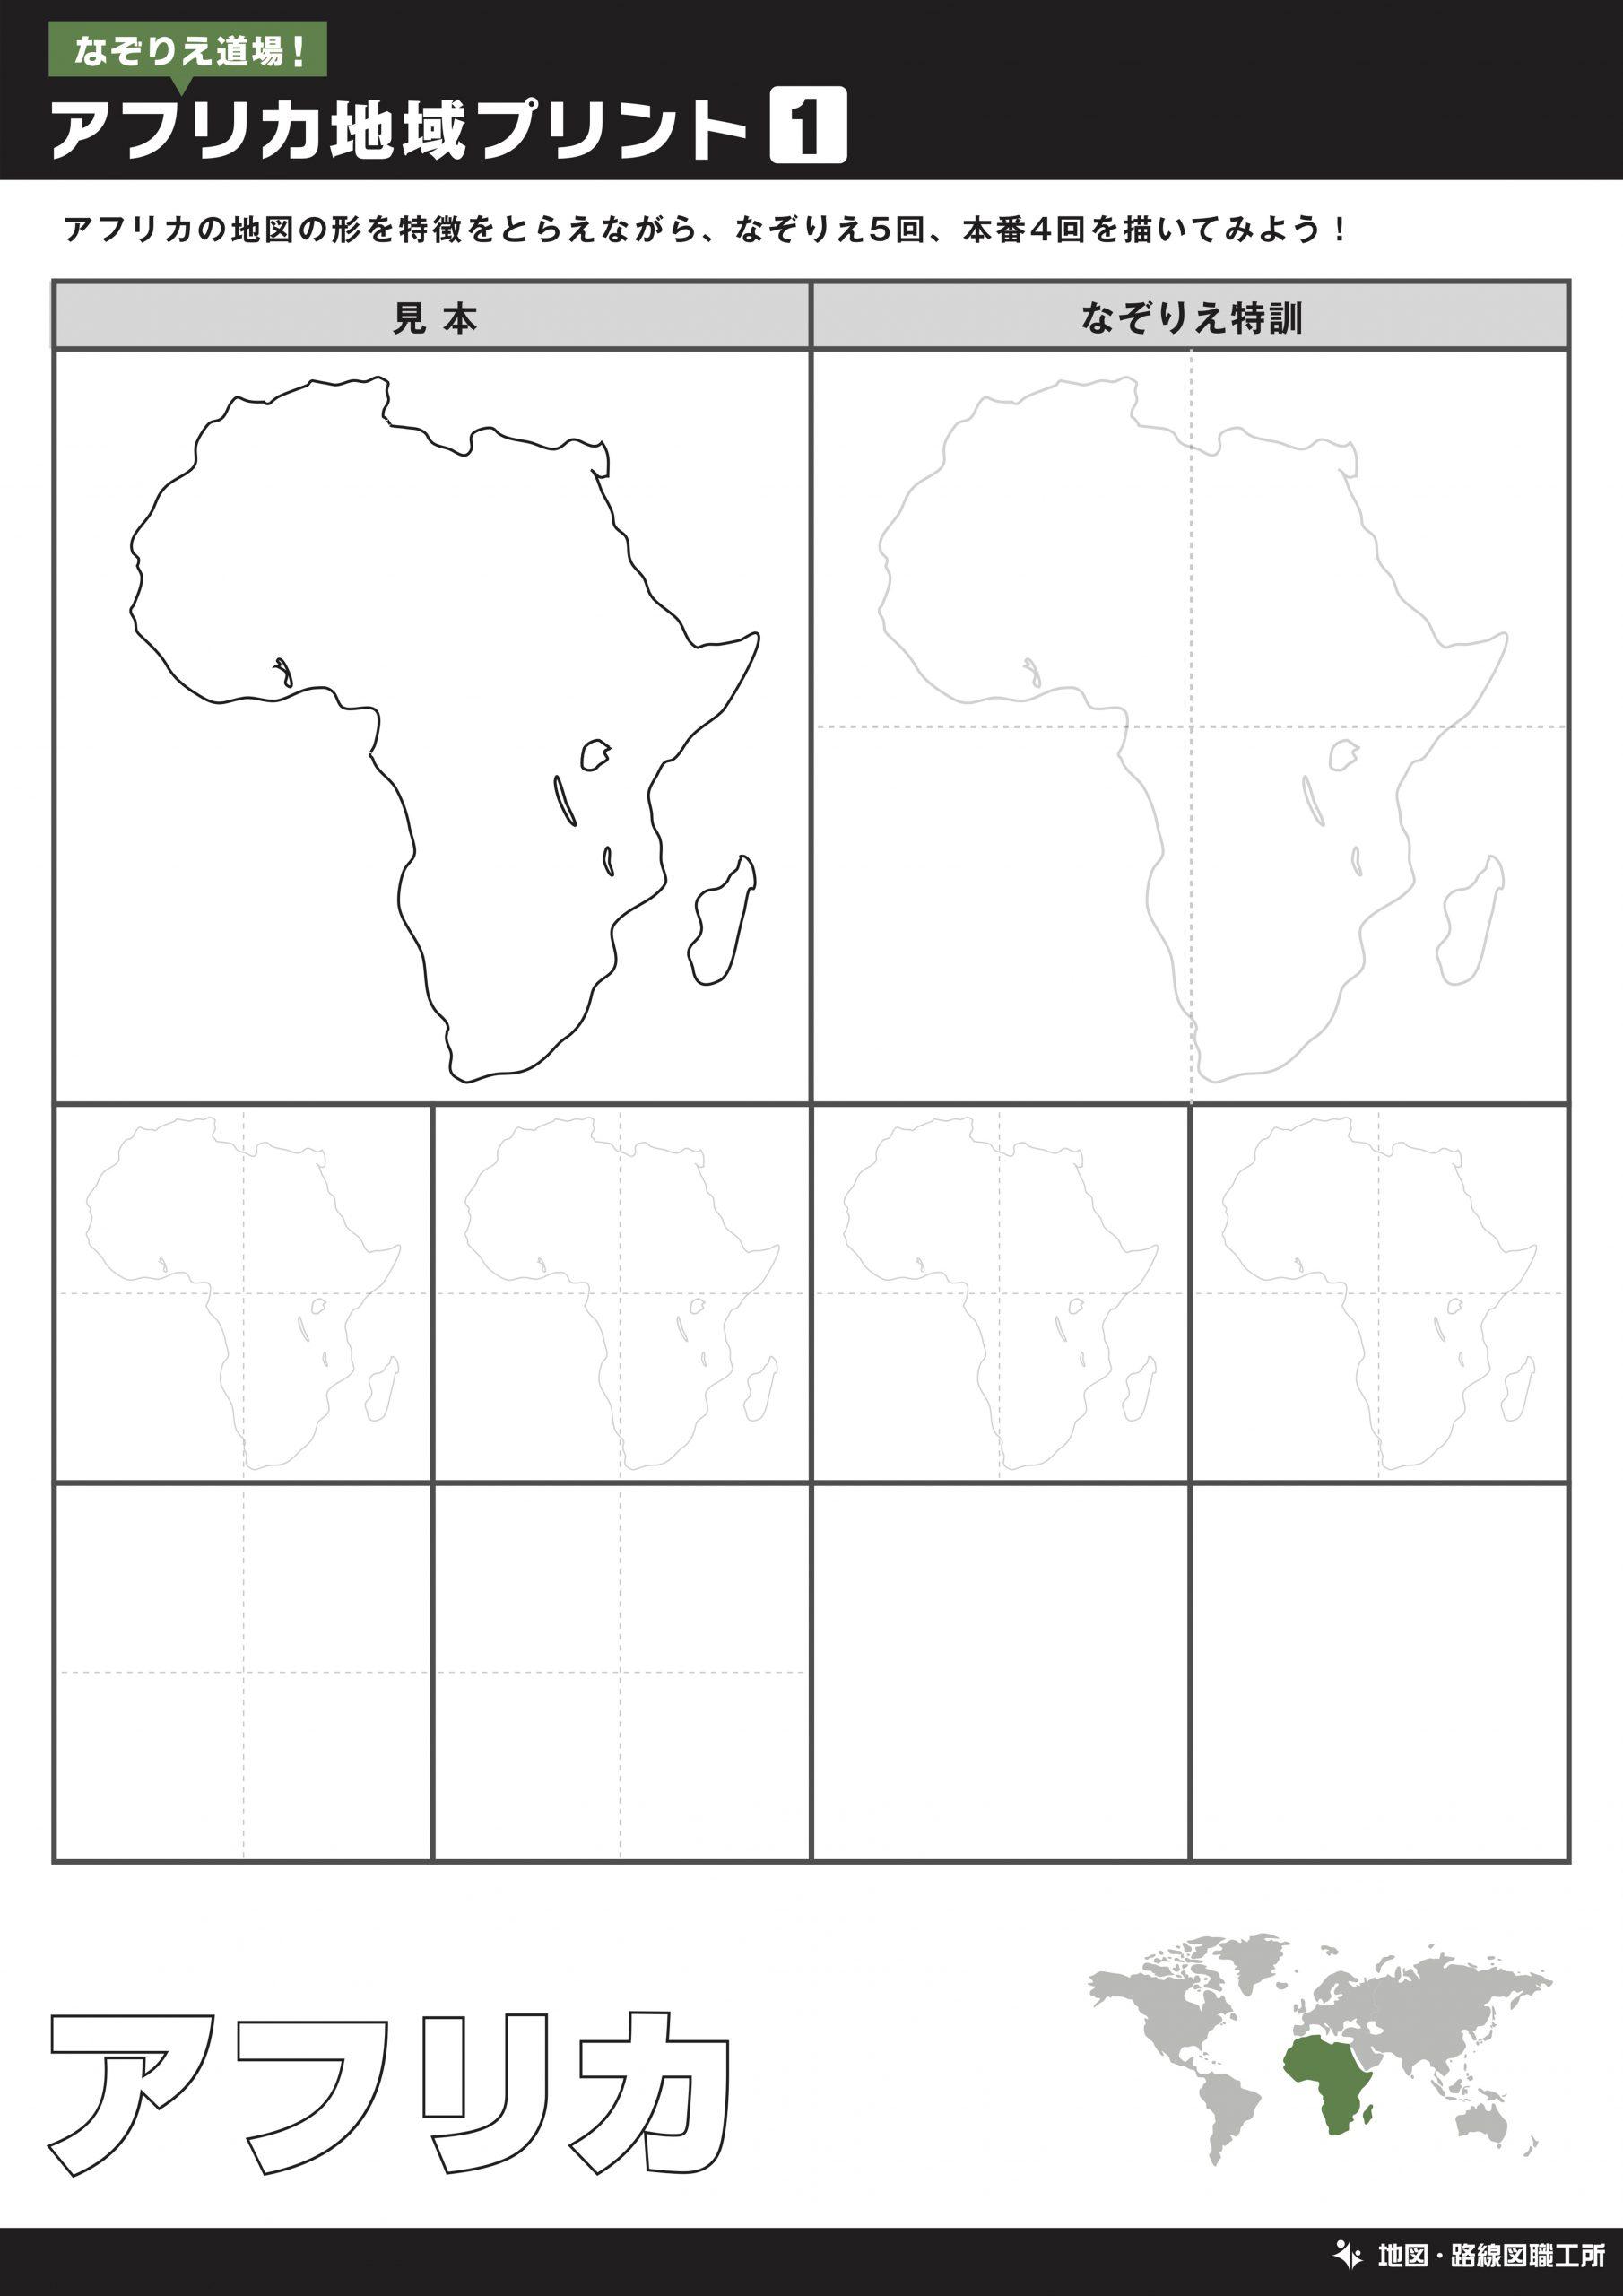 アフリカ地図をなぞって描く練習①